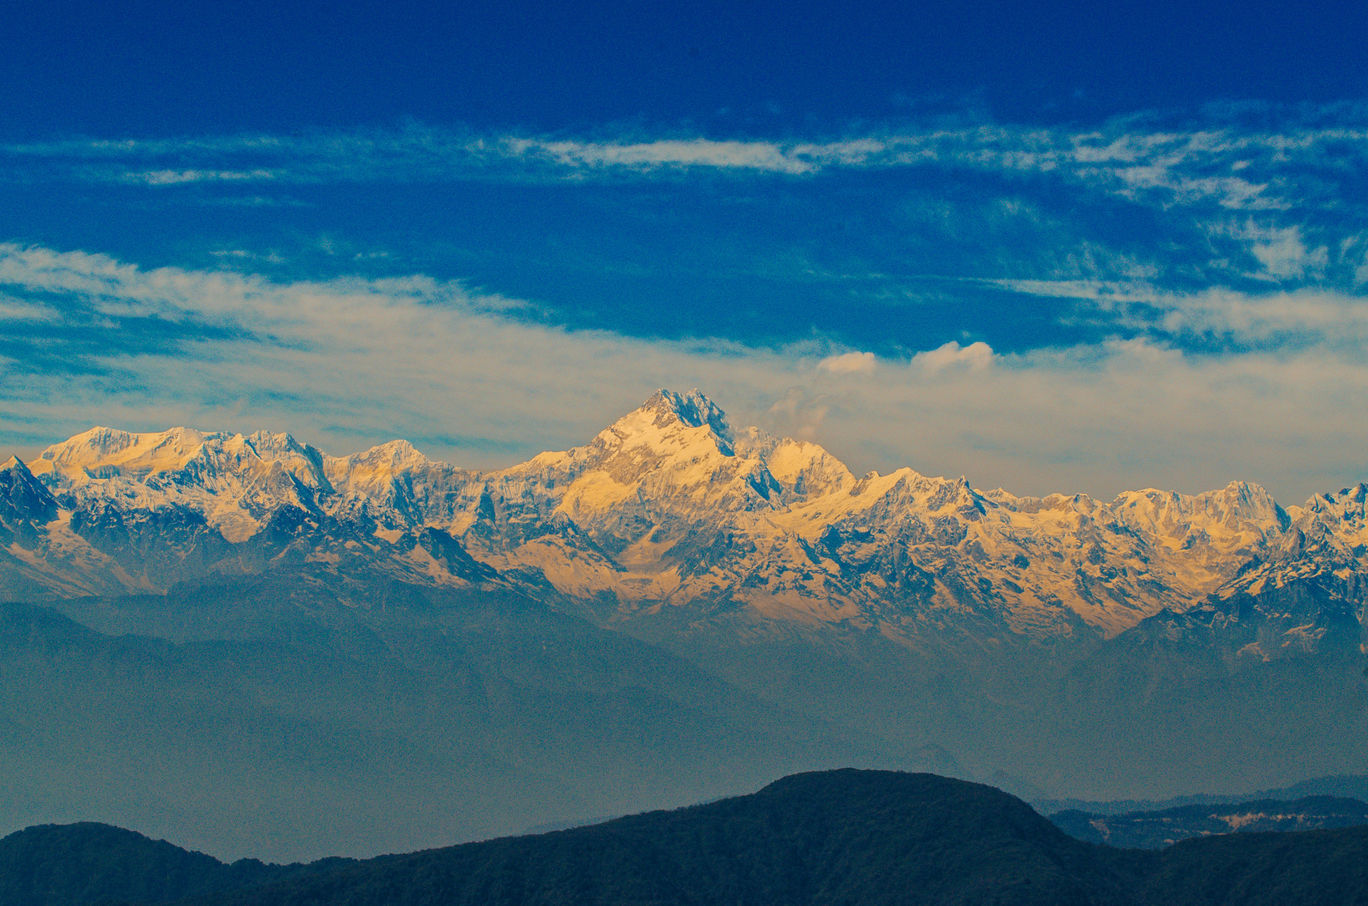 Photo of Kanchenjunga By Akhil